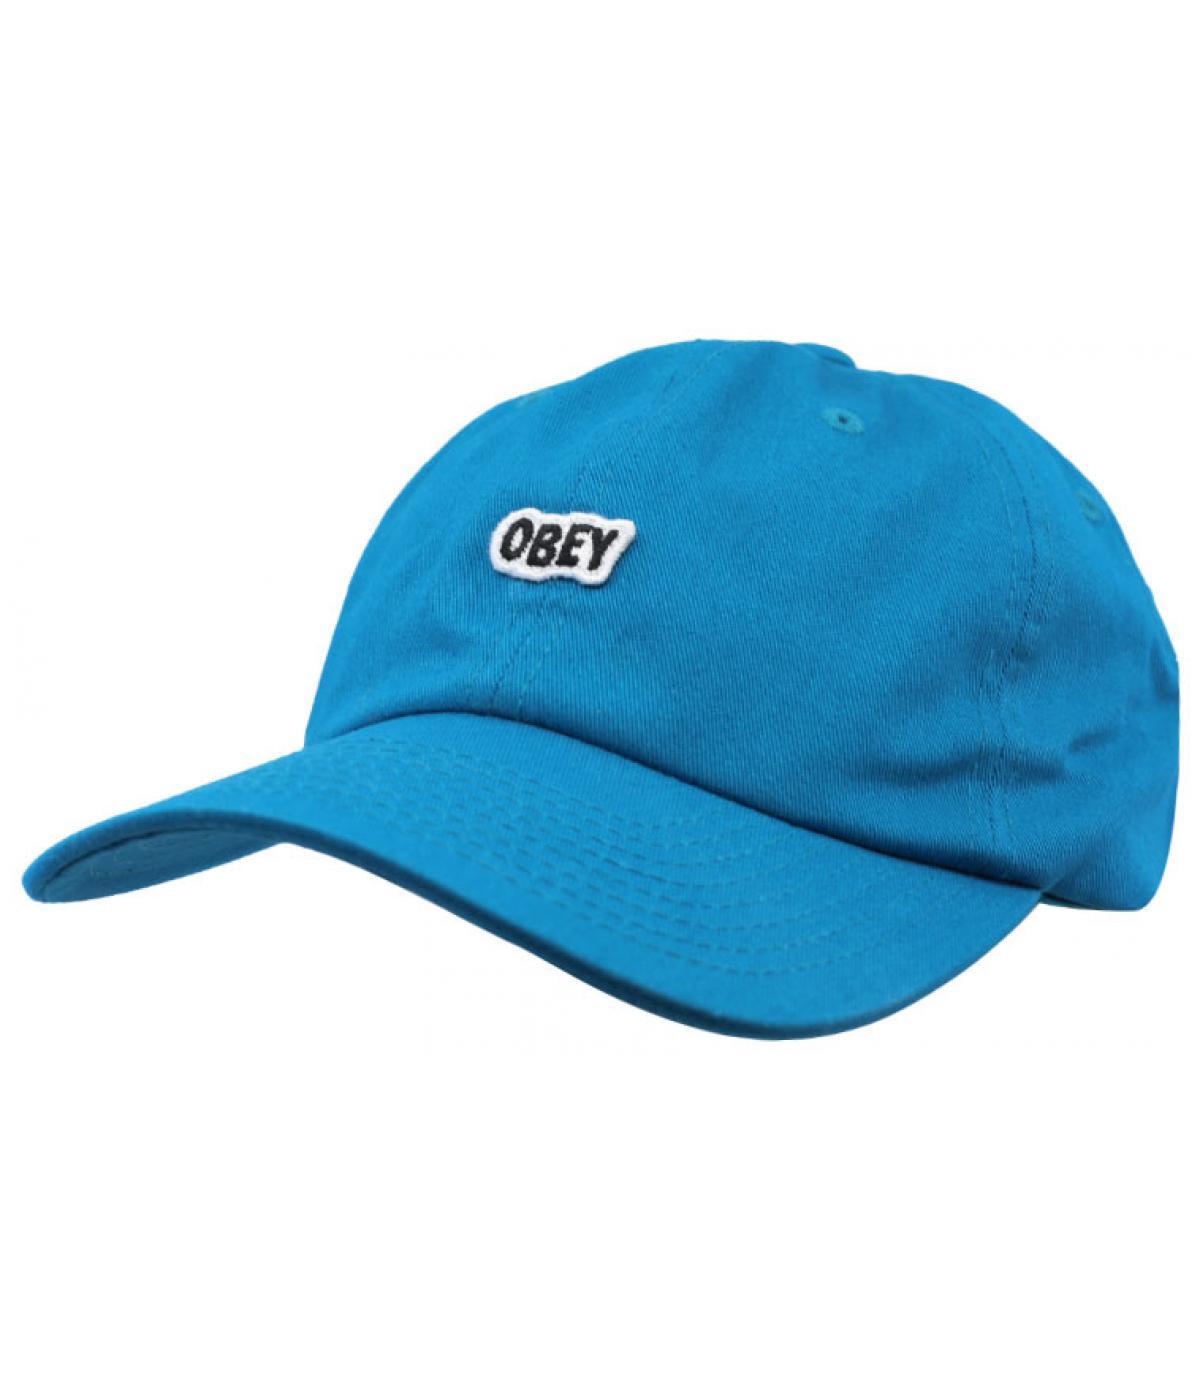 Cap Obey blau